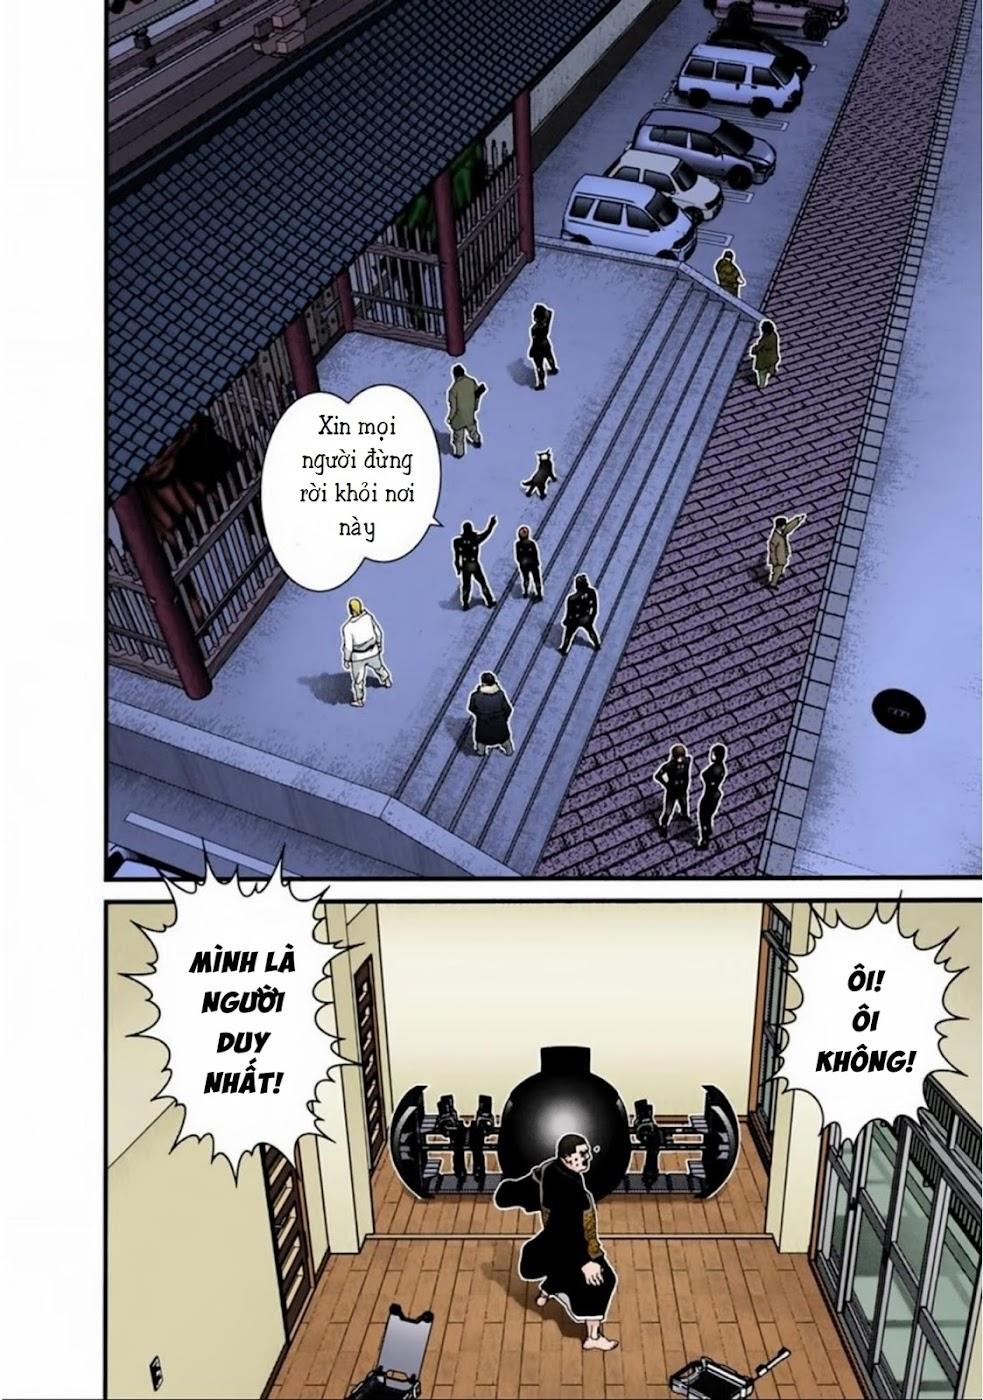 Gantz Chap 61: Cánh cổng trang 8